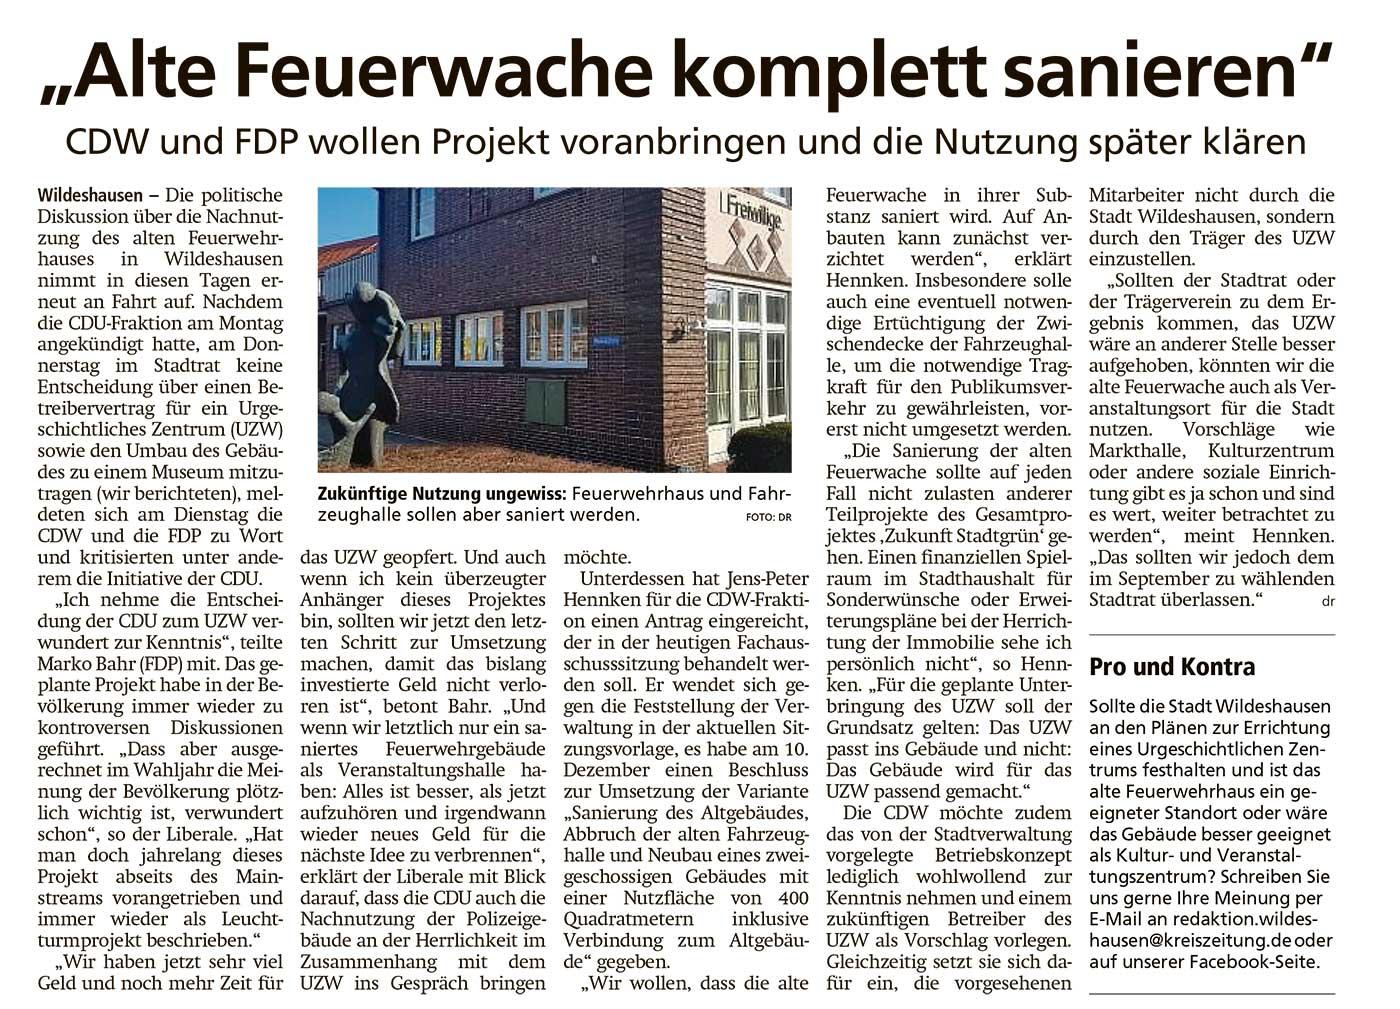 'Alte Feuerwache komplett sanieren'CDW und FDP wollen Projekt voranbringen und die Nutzung später klärenArtikel vom 14.04.2021 (WZ)